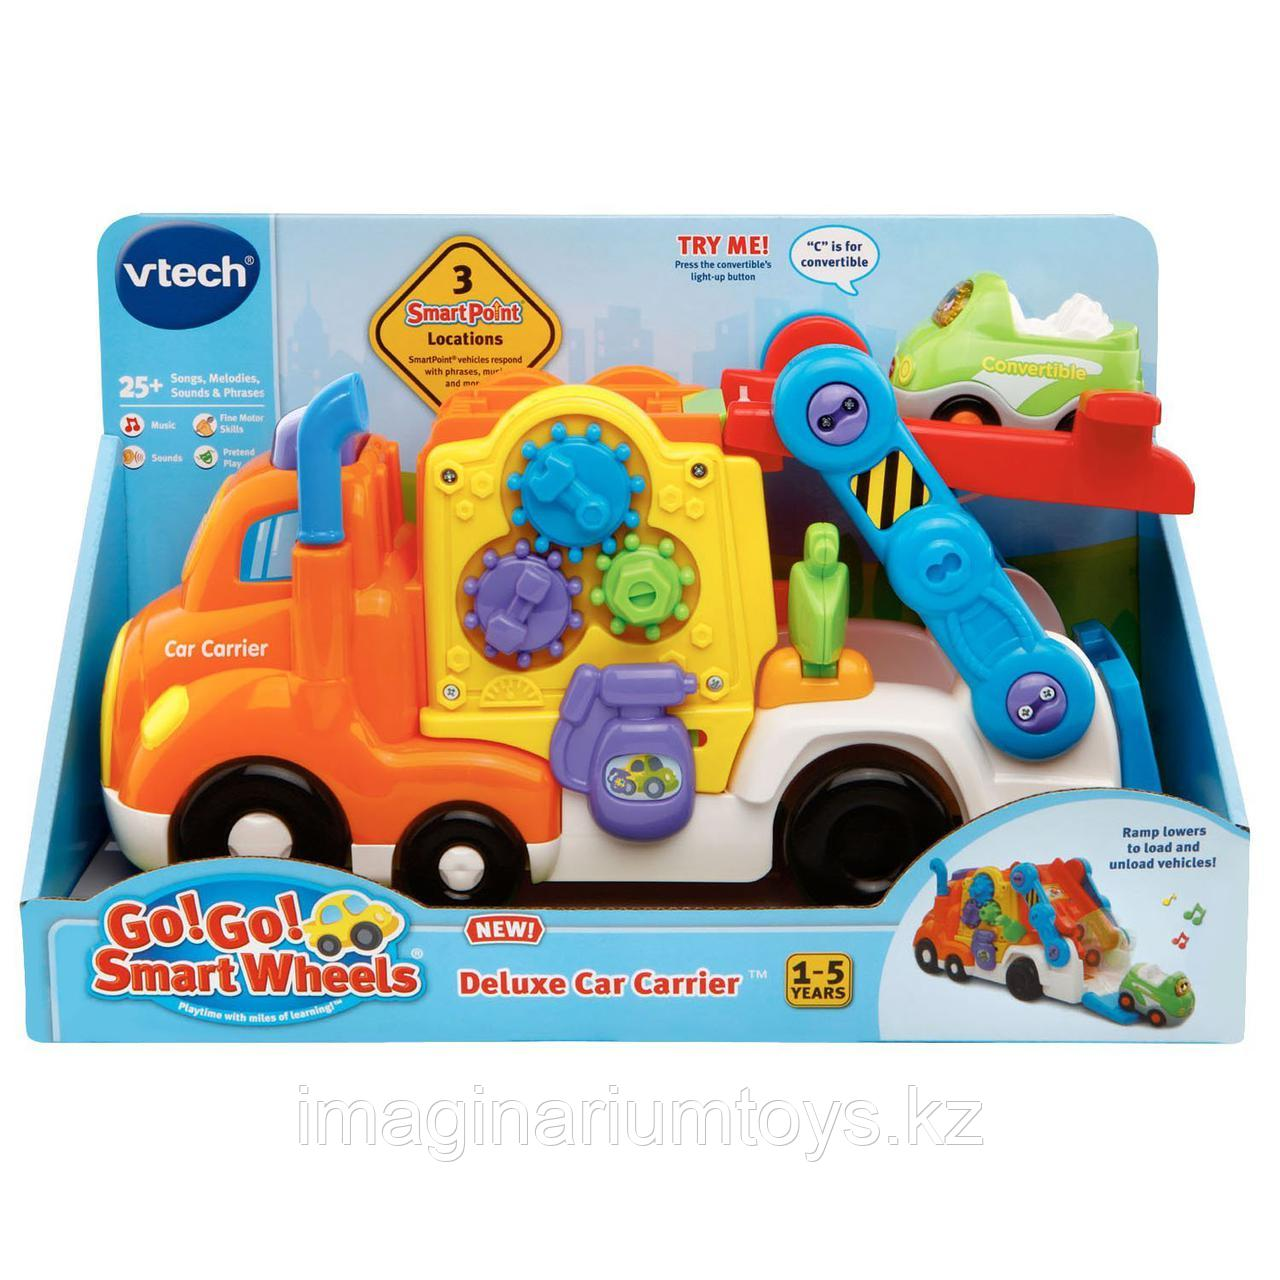 Интерактивная развивающая игрушка «Автотранспортер» VTech